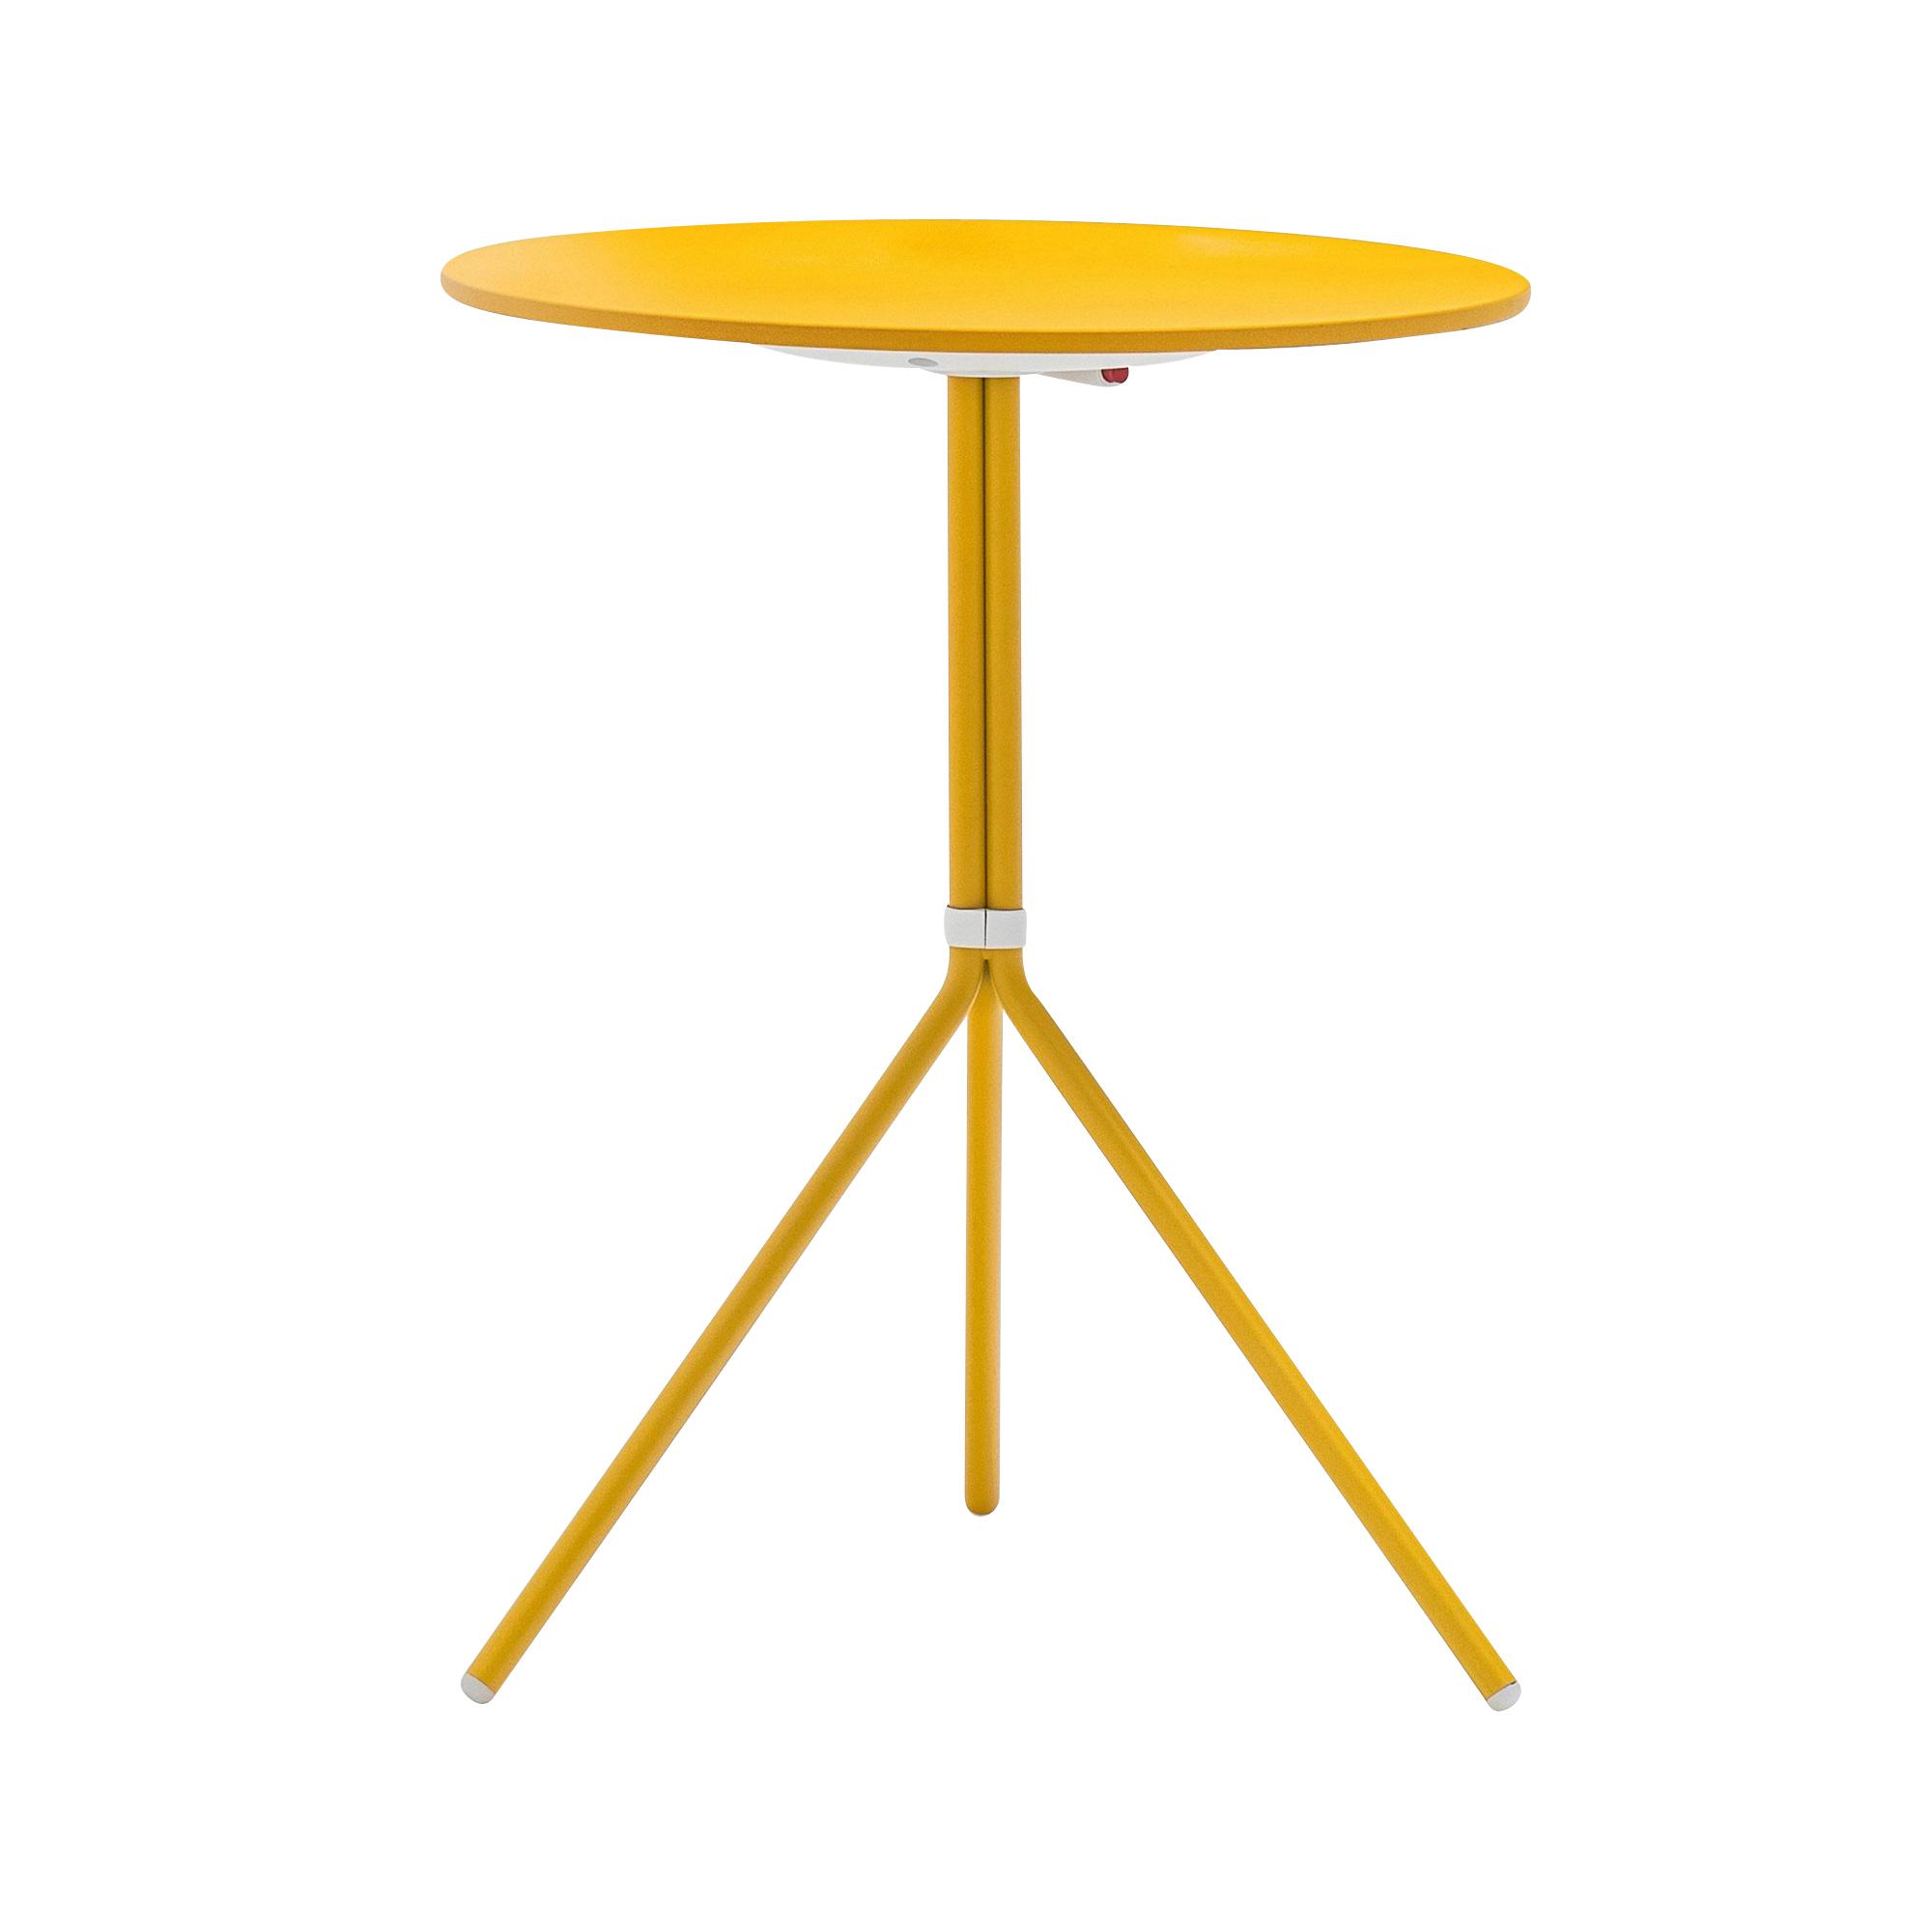 Pedrali - Nolita 5453T Gartentisch rund H 72cm - gelb/lackiert/H 72cm /Tischplatte Ø 60cm/klappbar | Garten | Pedrali